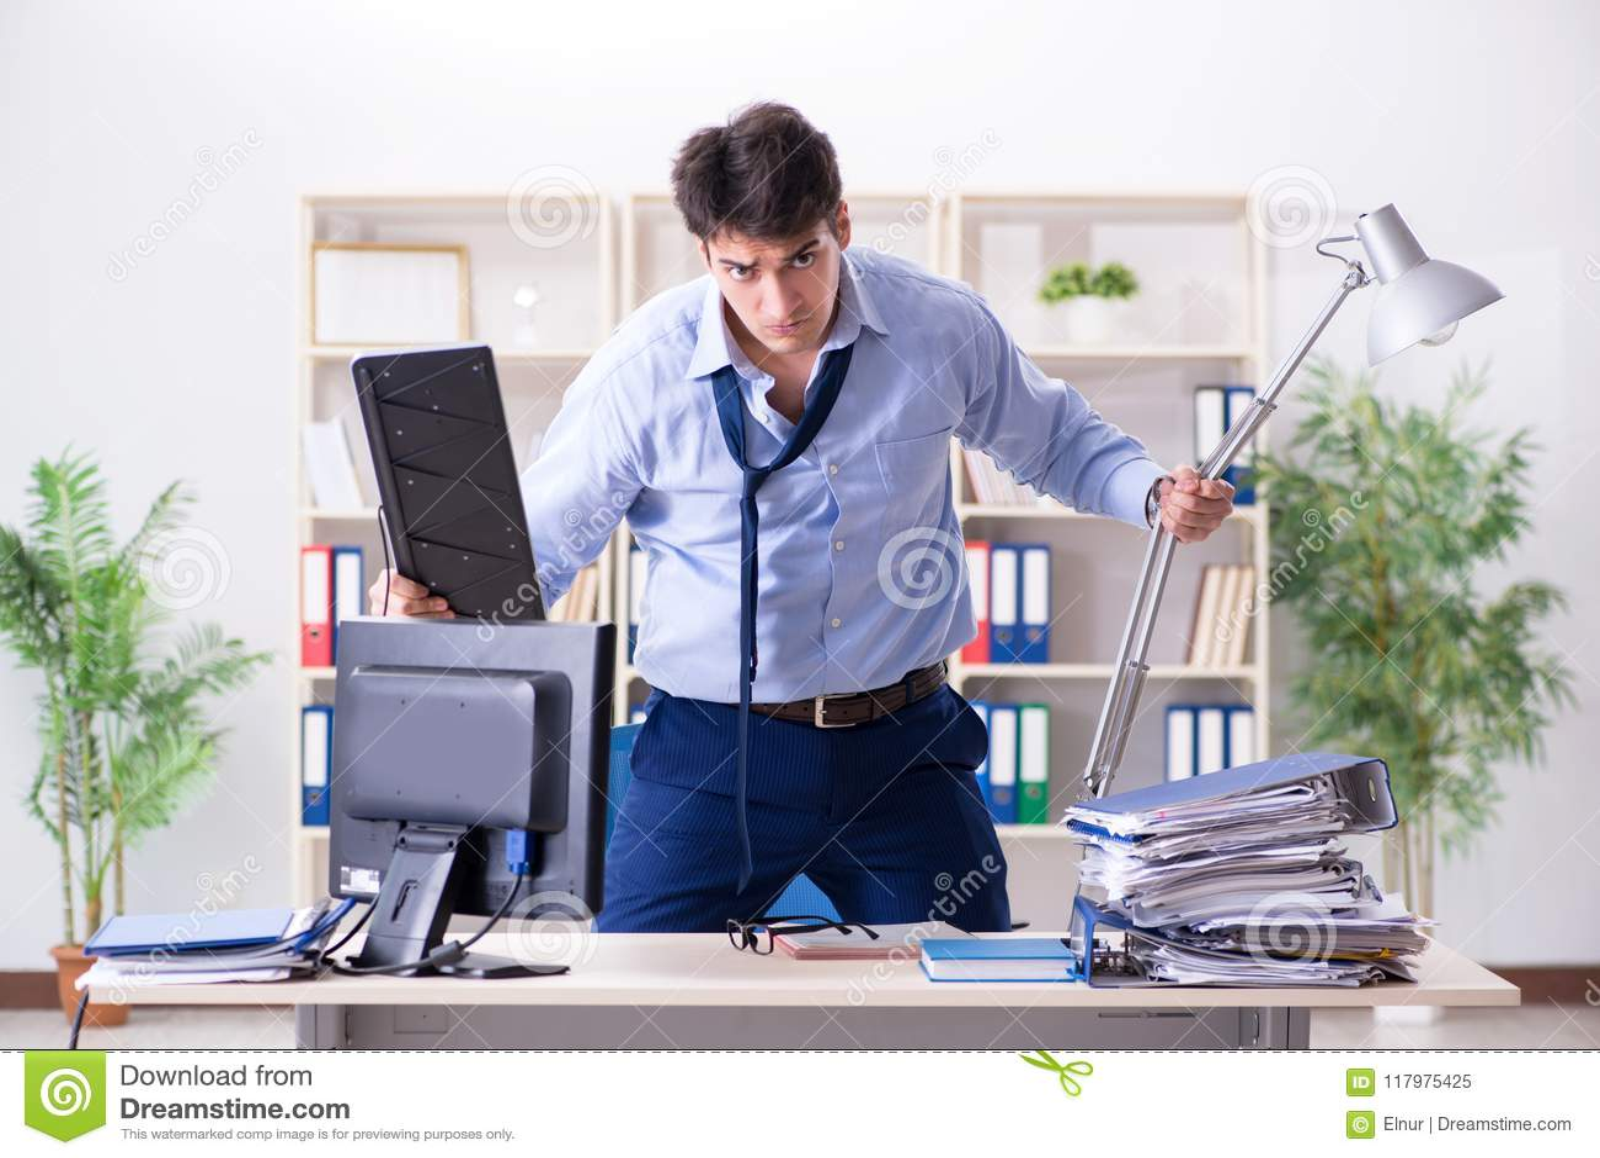 Der verärgerte Geschäftsmann frustriert mit zu vieler Arbeit